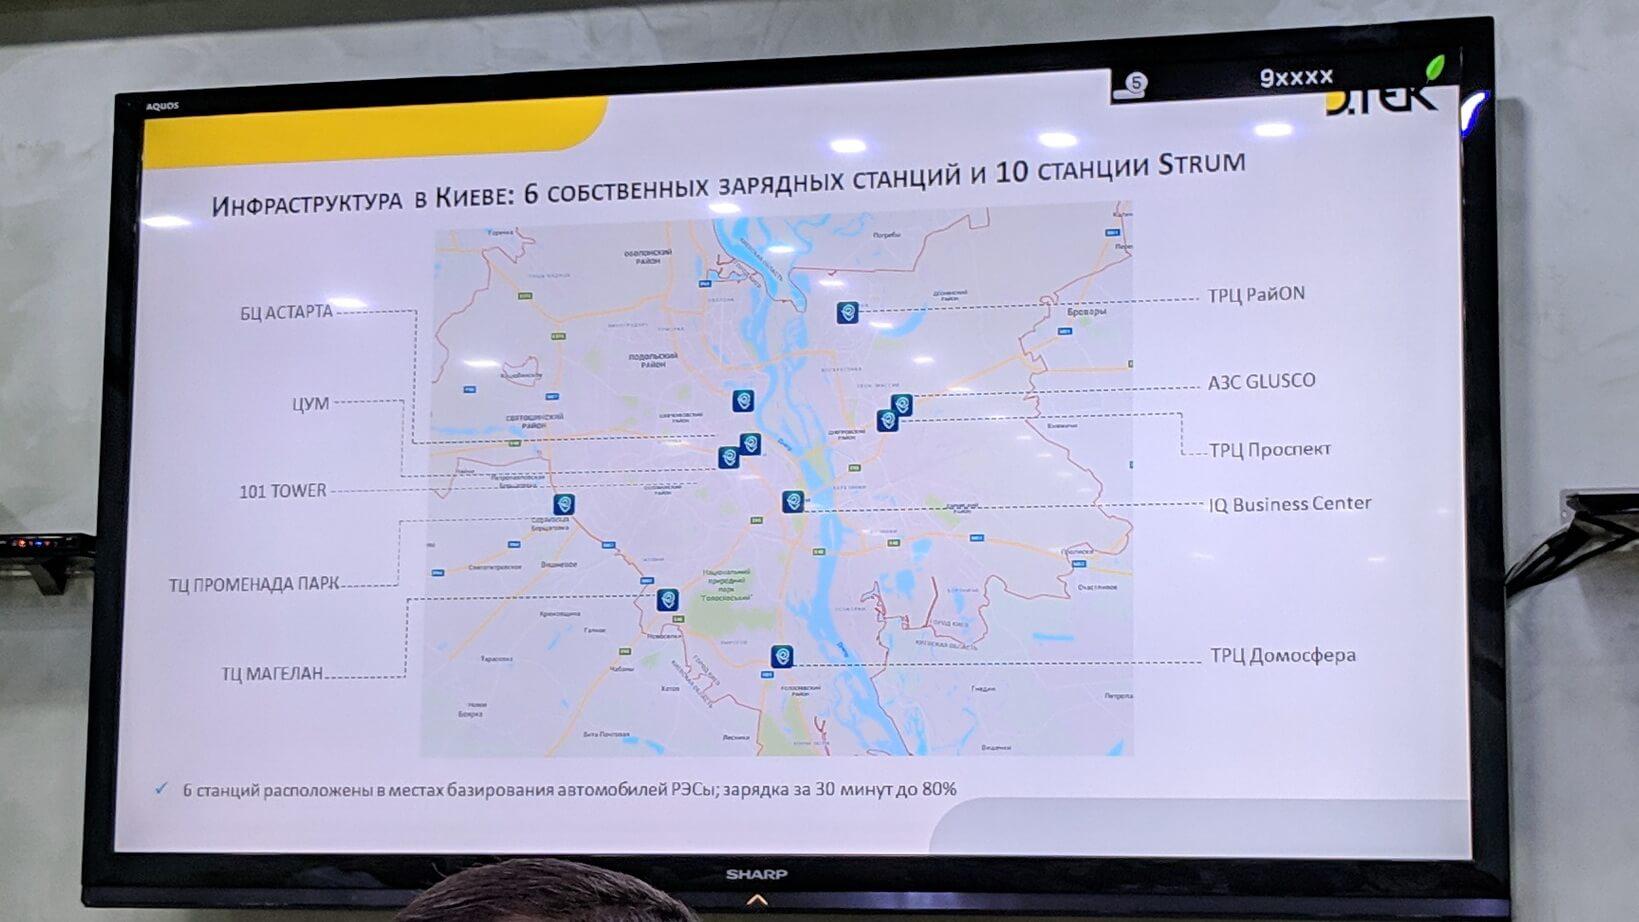 Инфраструктура, где будут заряжаться электромобили «ДТЭК Киевские электросети»